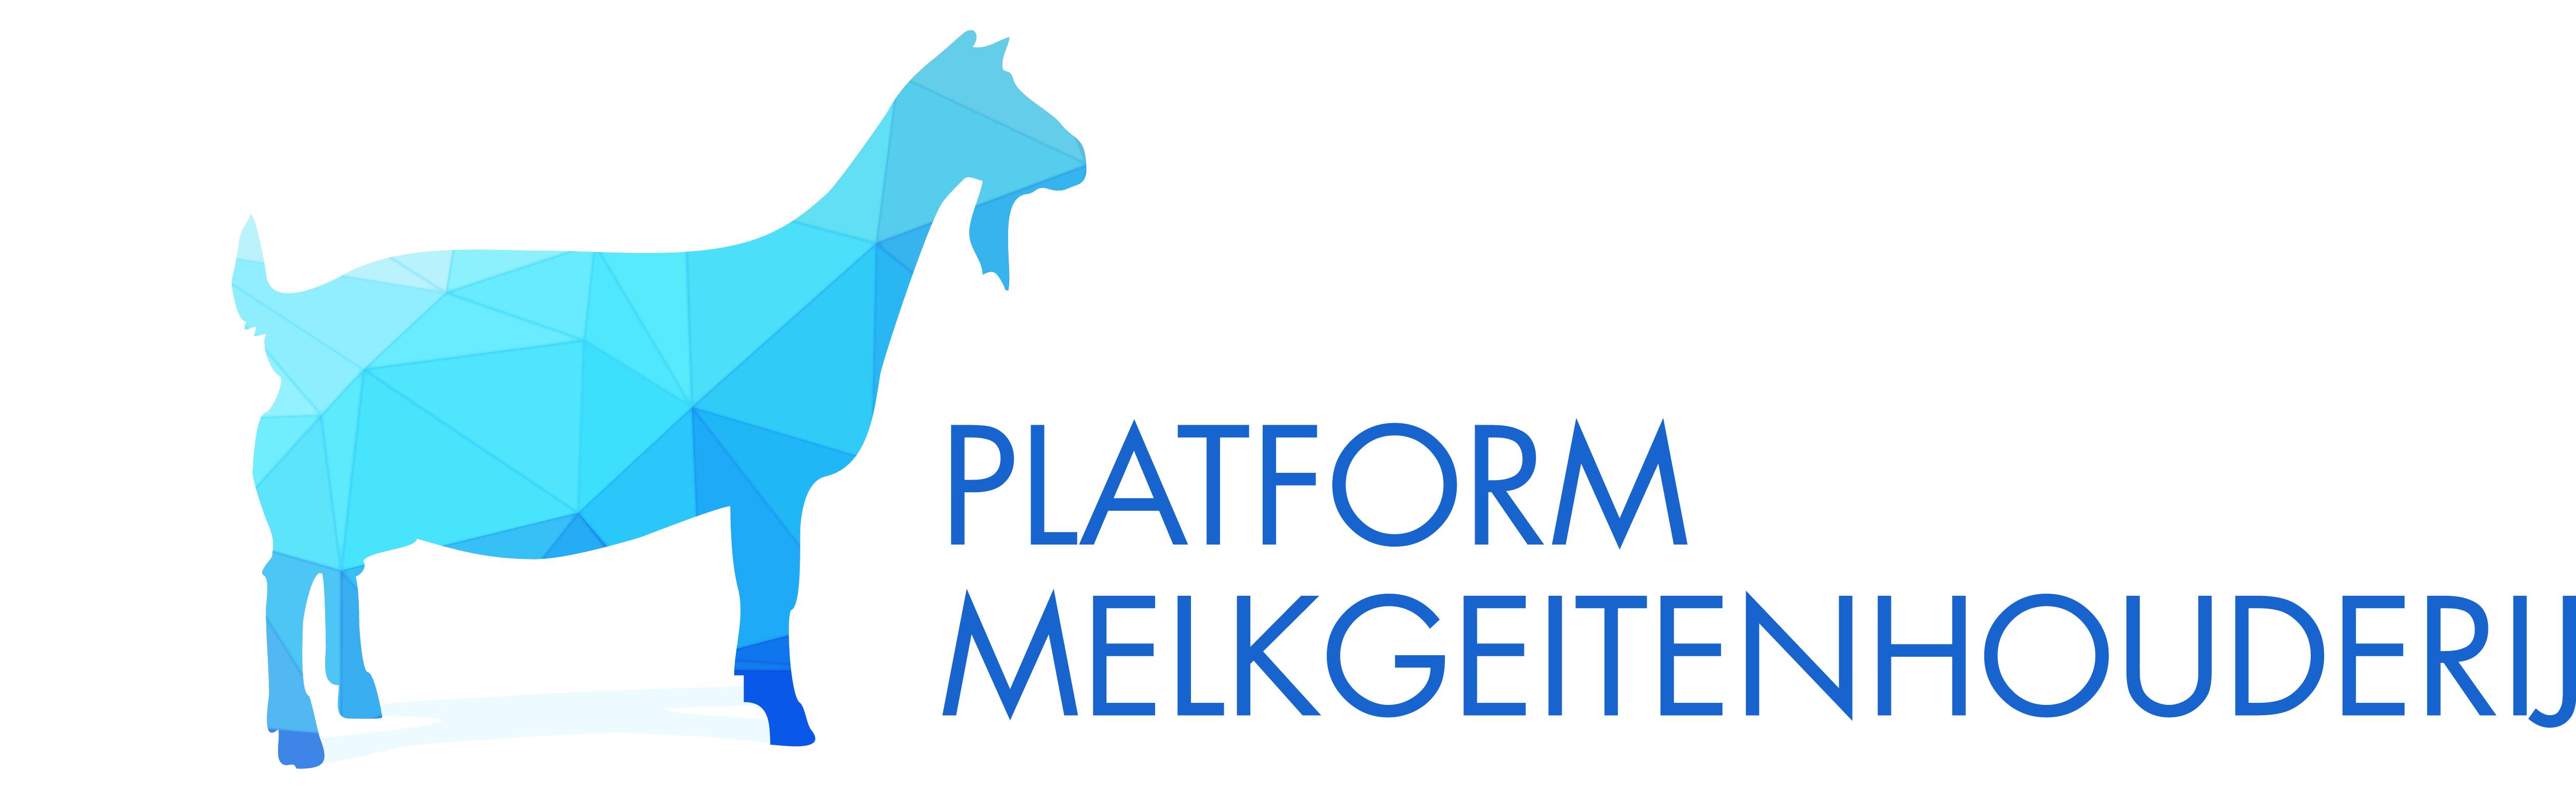 Platform Melkgeitenhouderij